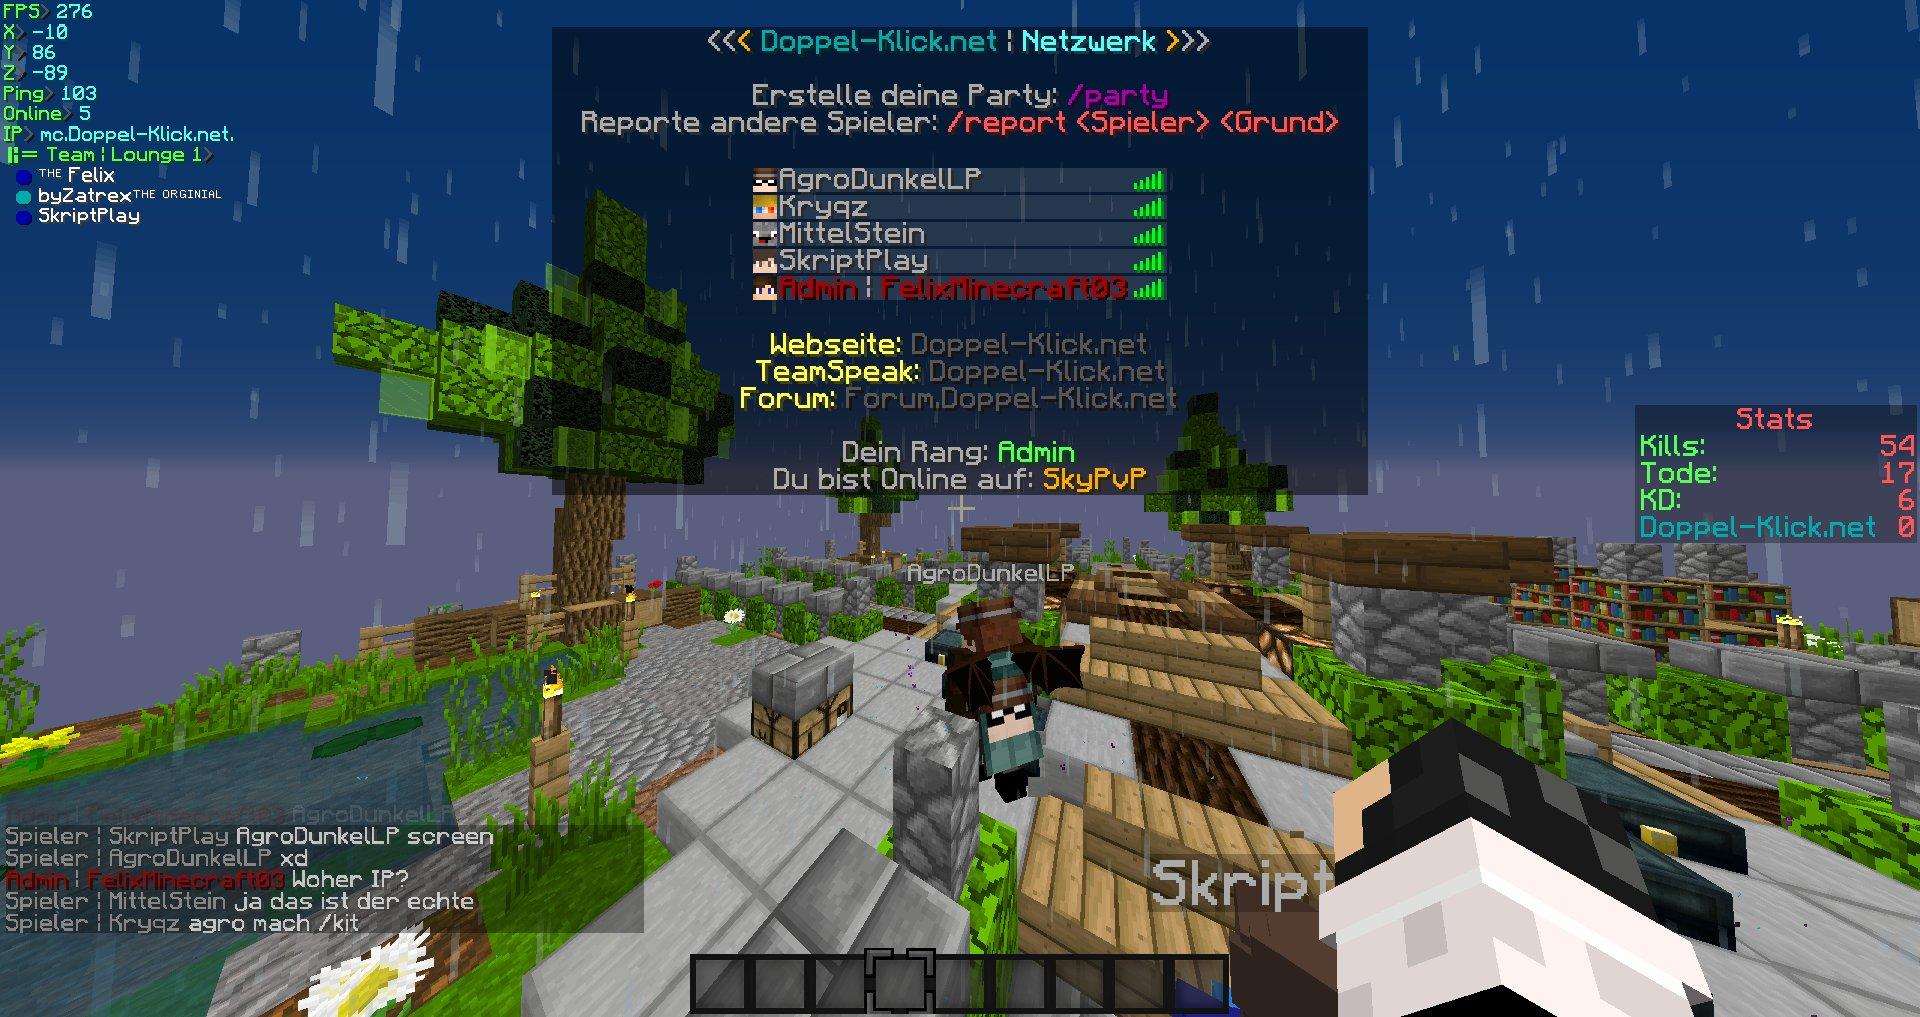 Minecraft Tabliste Sortierten Plugin Prefix Tablist - Minecraft spieler online